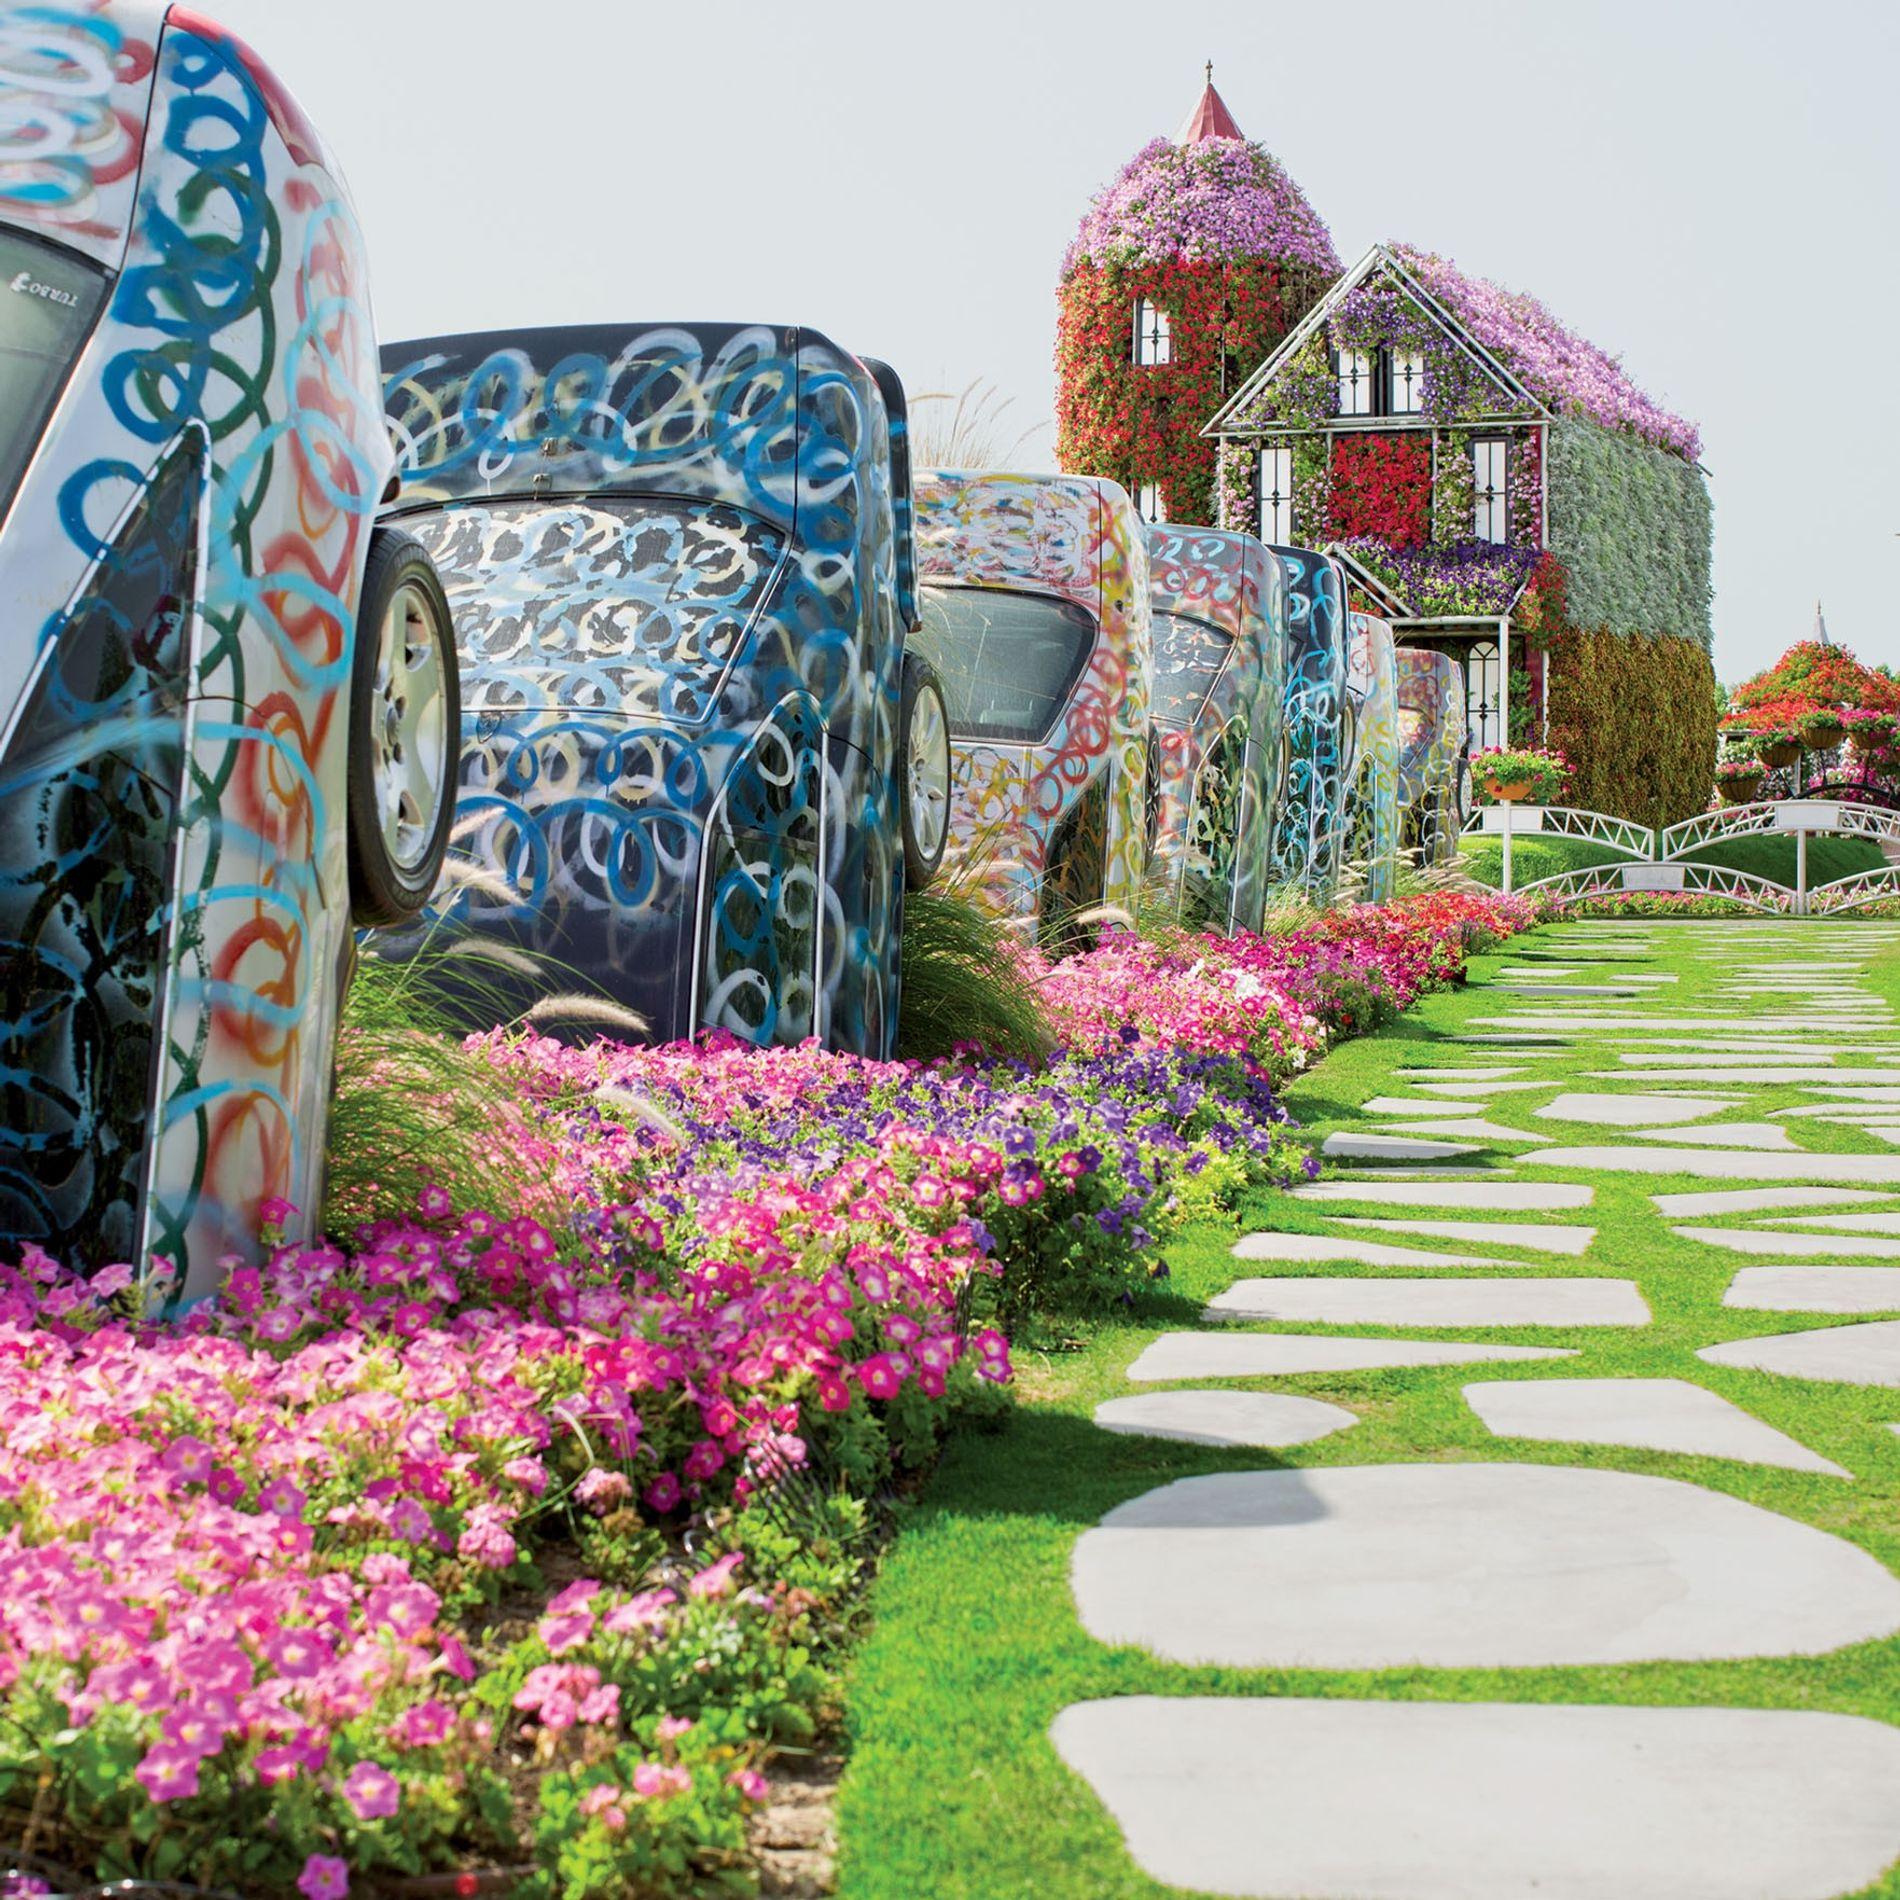 Le plus grand jardin fleuri du monde, à Dubaï, Émirats arabes unis. Les structures artificielles contrastent ...